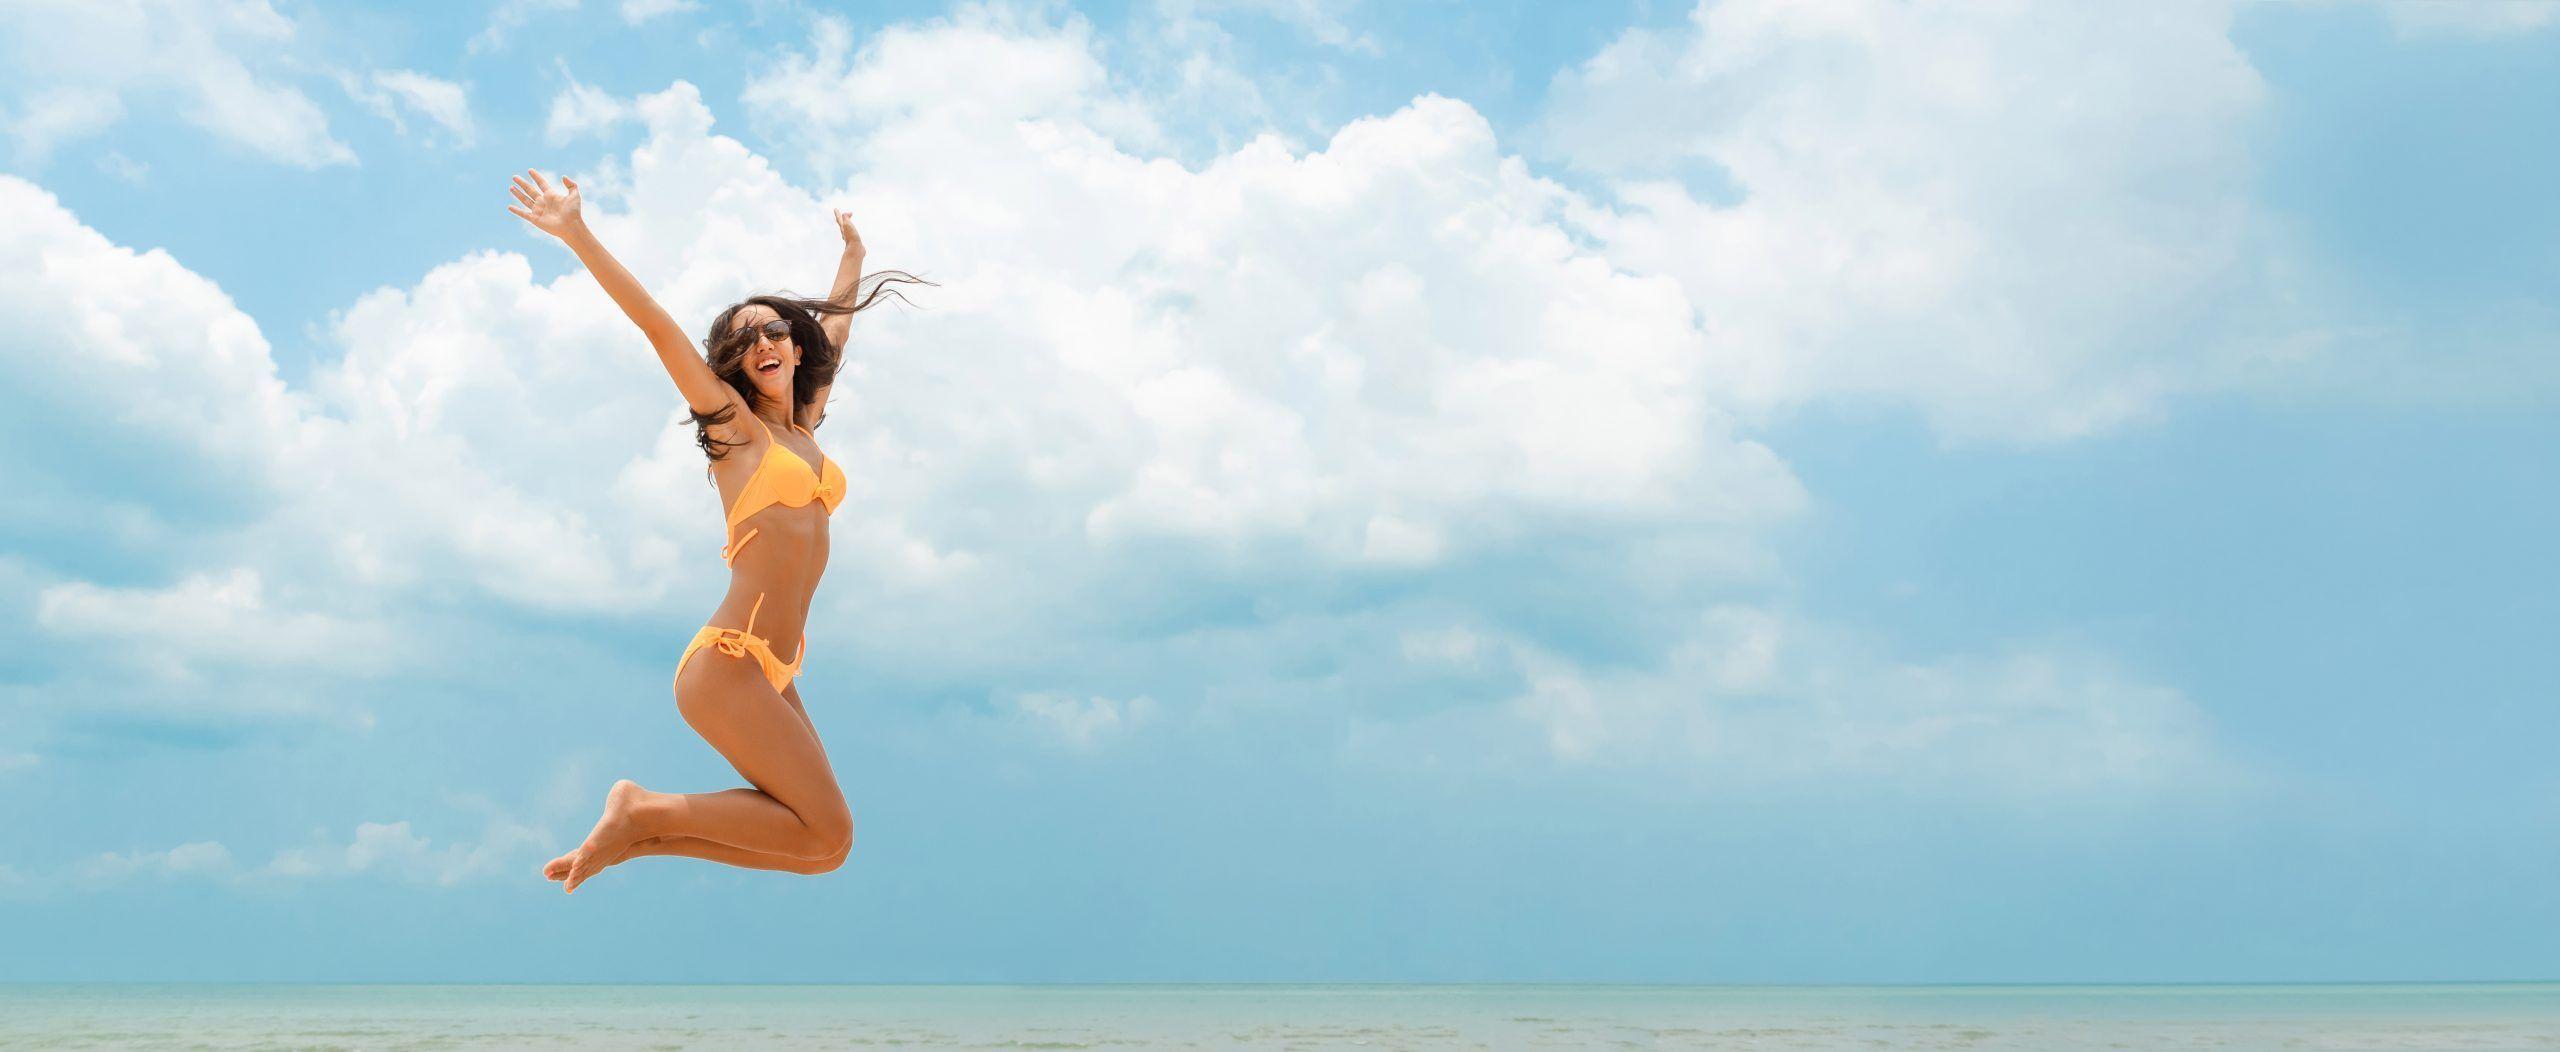 trucos para conseguir un bronceado bonito saludable en verano